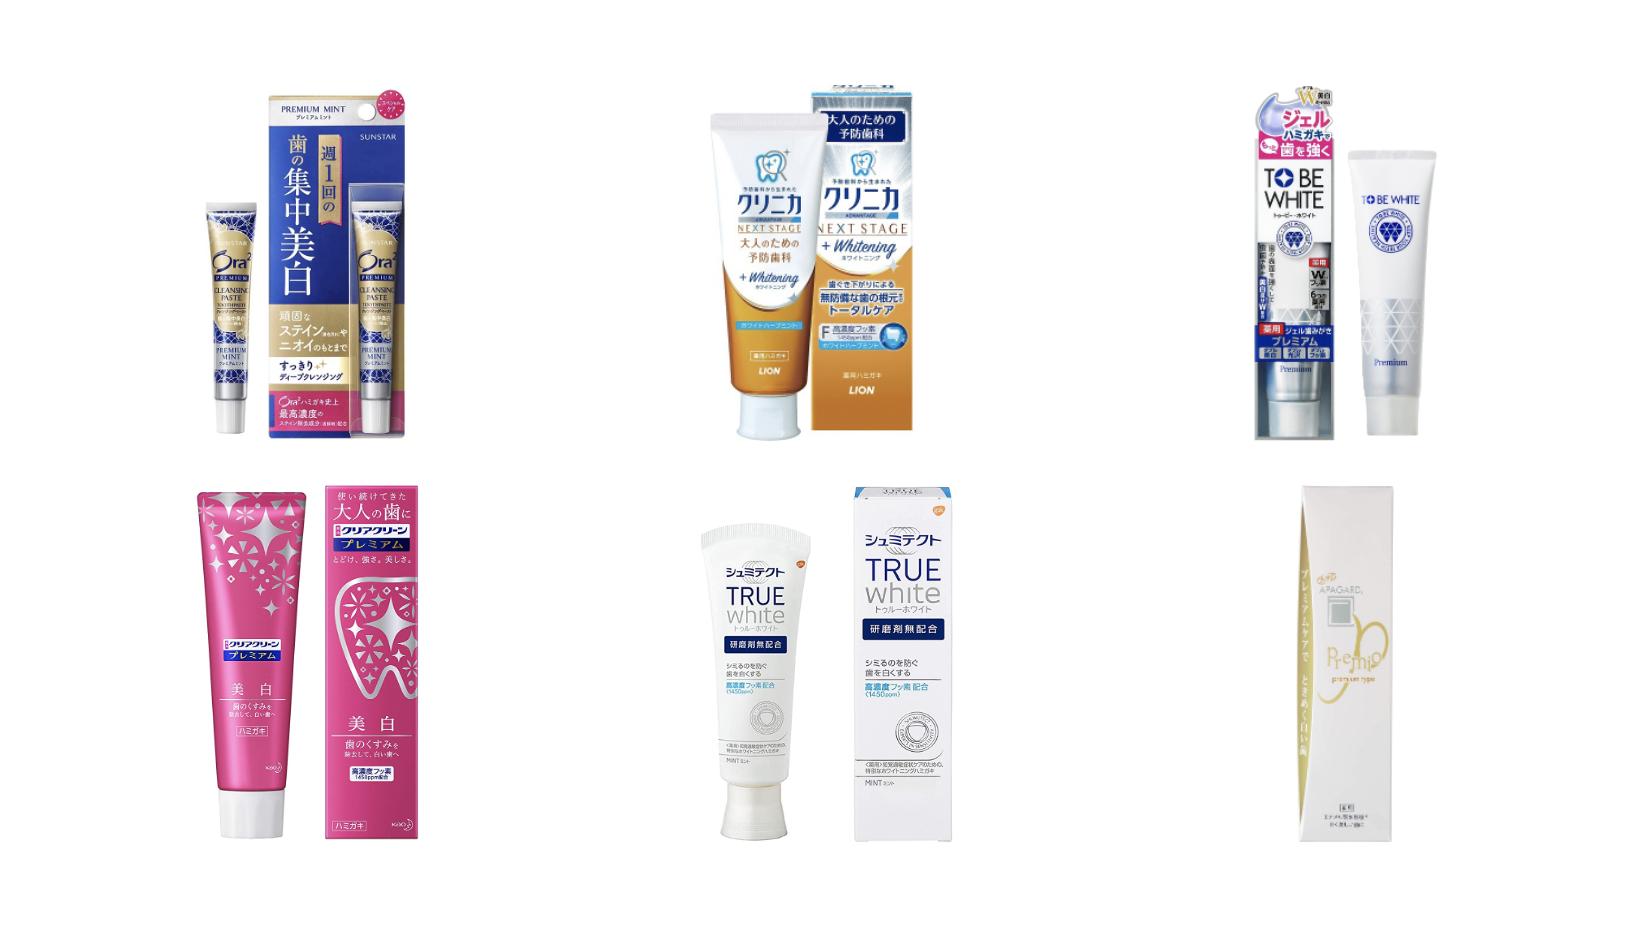 ホワイトニング歯磨き粉のおすすめ人気ランニング17選!ドラッグストアで買える市販おすすめアイテムを厳選